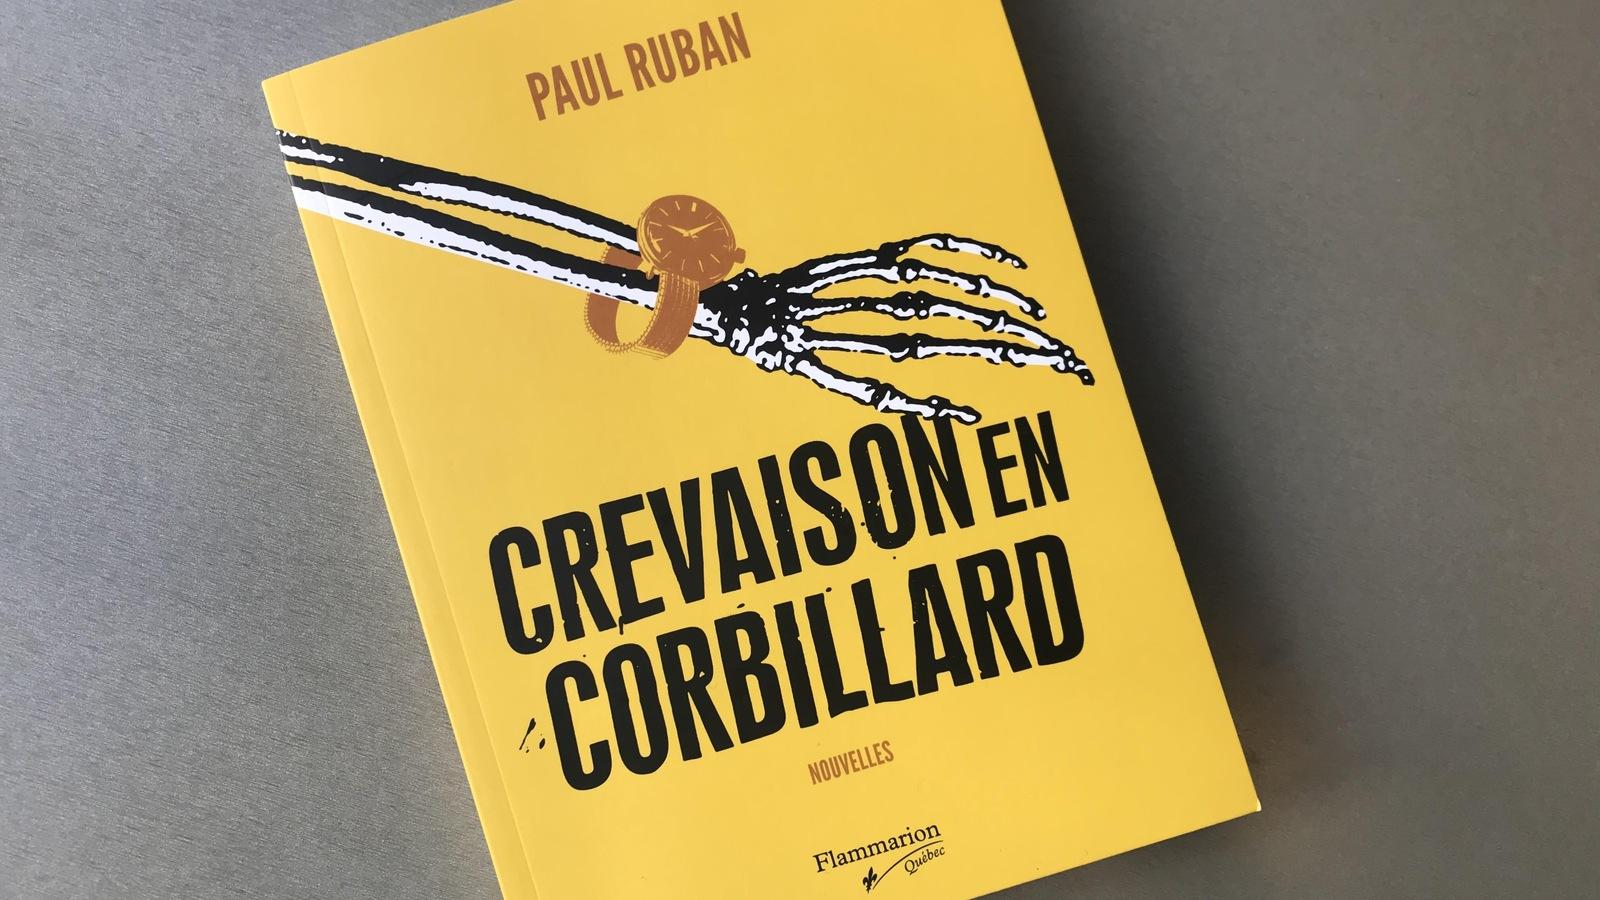 Couverture jaune ornée d'un bras de squelette du recueil de nouvelles Crevaison en Corbillard de l'auteur franco-ontarien Paul Ruban